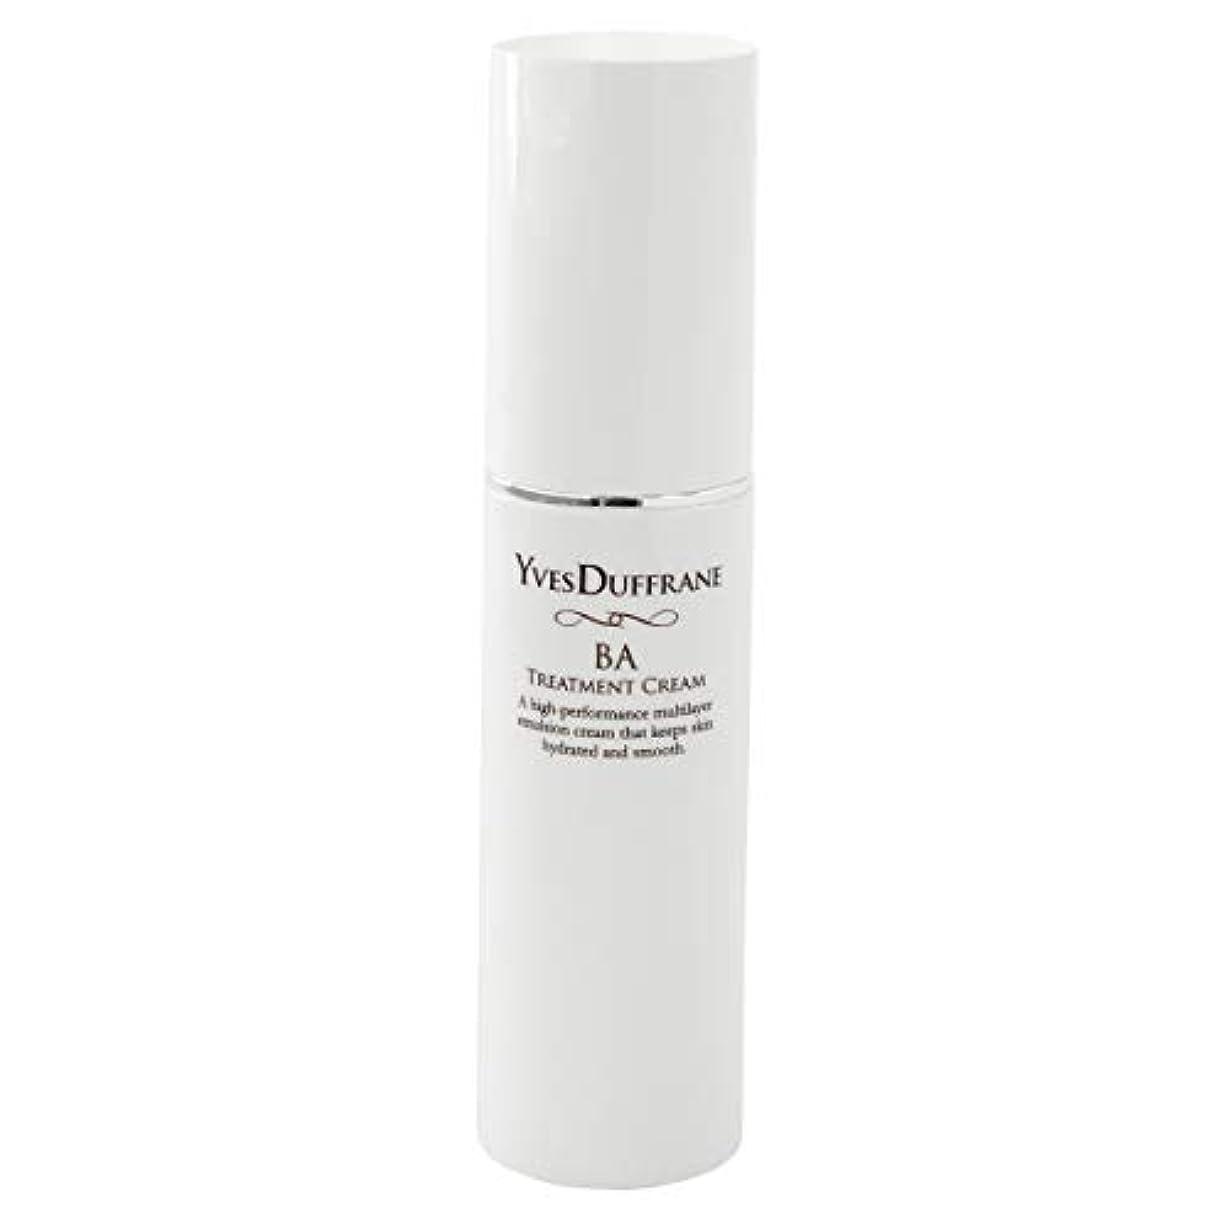 検証ずるいルーセラミド 美容クリーム [BAトリートメント クリーム ] 顔 目元 敏感肌 保湿 セラミド ビタミンC誘導体 バイオアンテージ配合